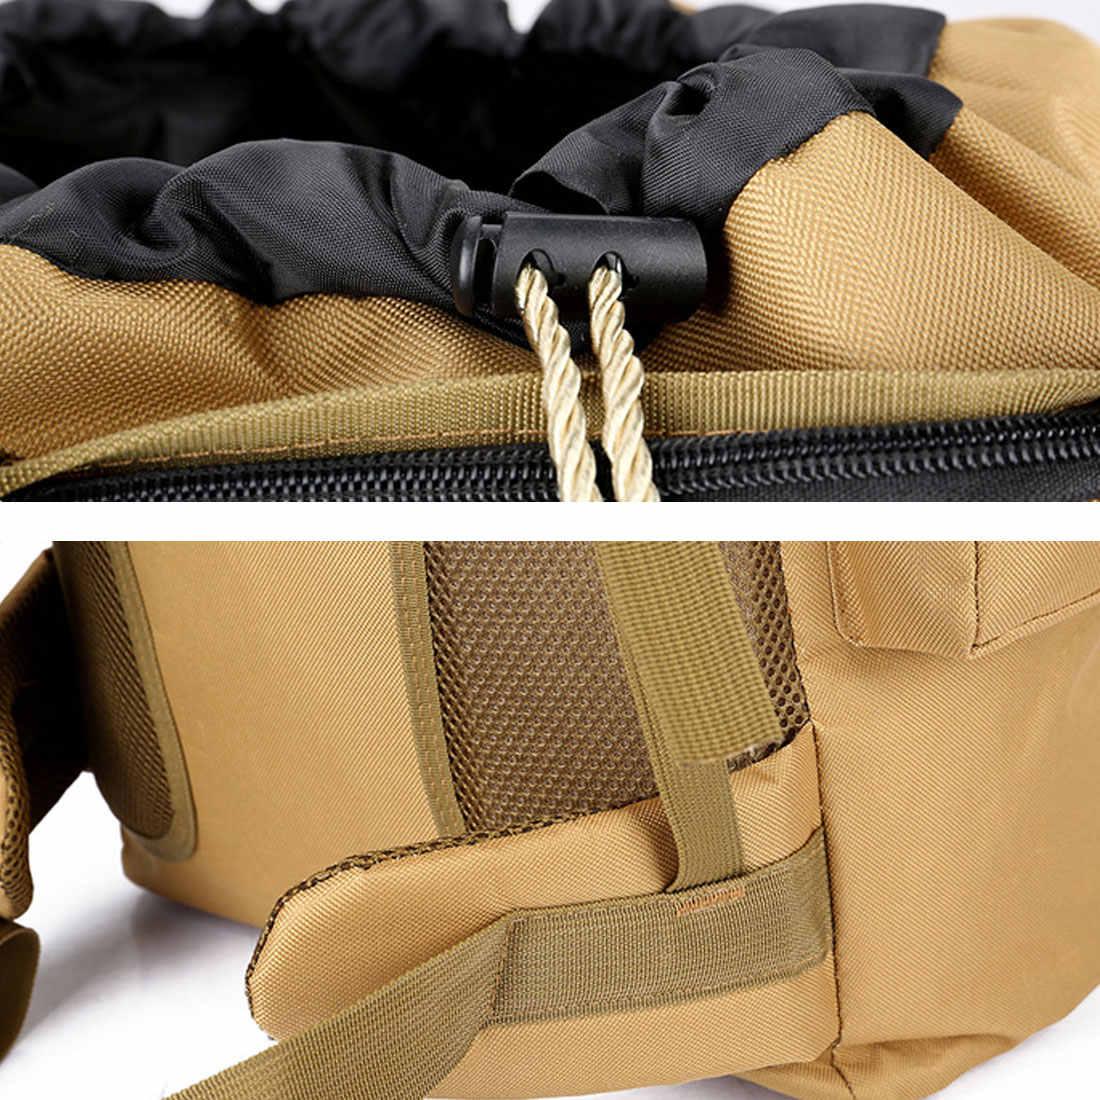 大型軍用バックパック 70L 防水戦術的な黒アウトドアスポーツマウンテン旅行リュックサック狩猟ハイキングキャンプ陸軍バッグ